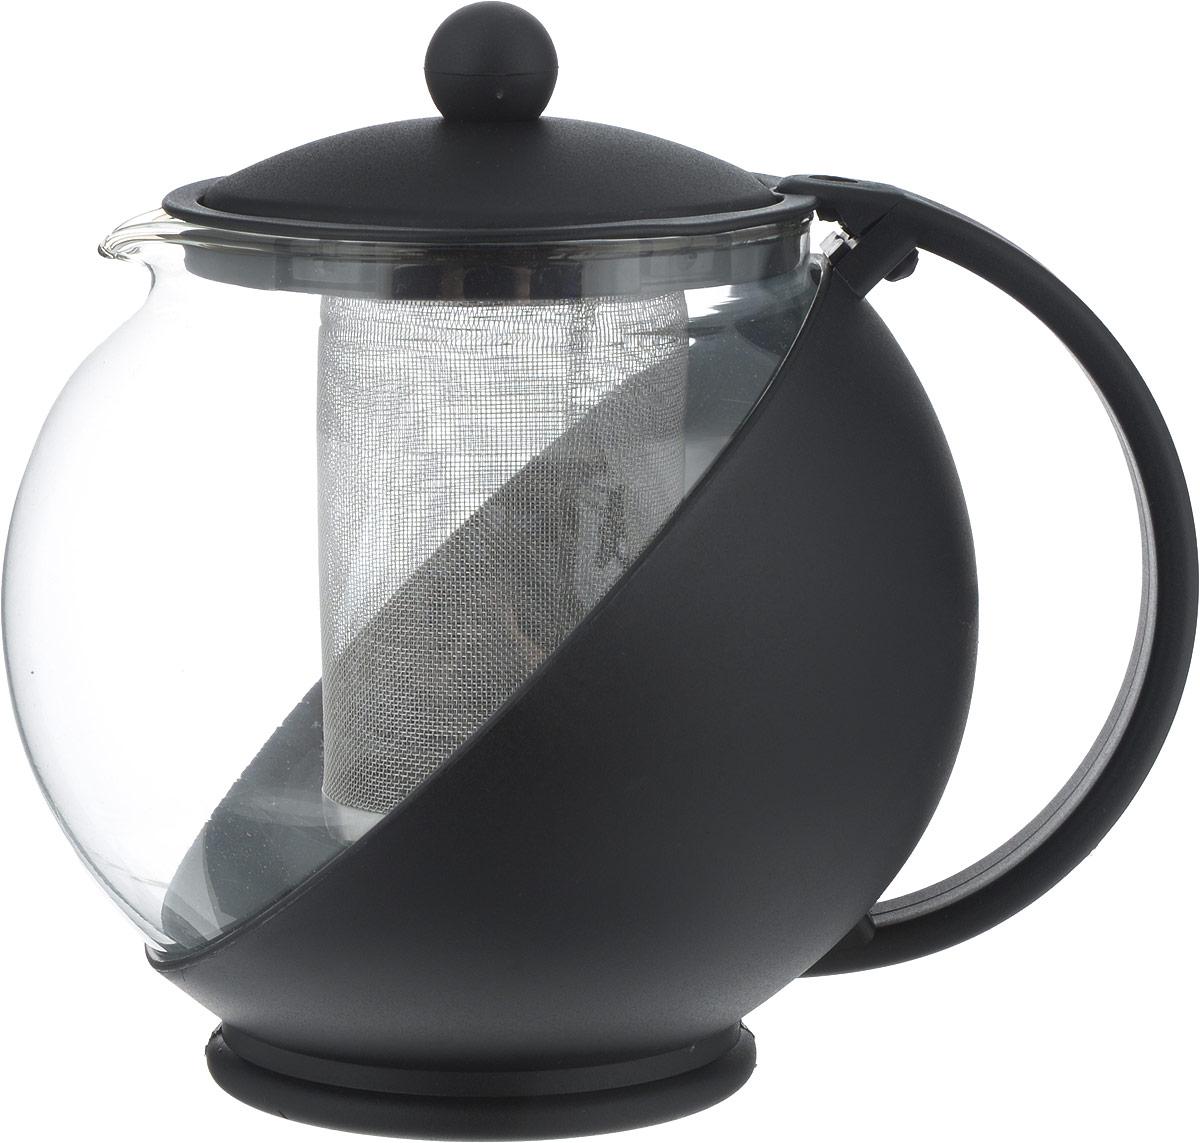 """Чайник заварочный изготовлен из термостойкого ненагревающегося пластика и ударостойкого жаропрочного стекла. Съемный фильтр-ситечко из высококачественной хромо-никелевой нержавеющей стали с мелкими ячейками для чая разных сортов и разной степени измельчения рассчитан на оптимальное количество заварки при разных объемах чайников.  Аккуратный """"птичий"""" носик, из которого чай течет непосредственно в чашку, а не по выпуклому """"брюшку"""" чайника. Устойчивое основание.  Небольшой вес."""